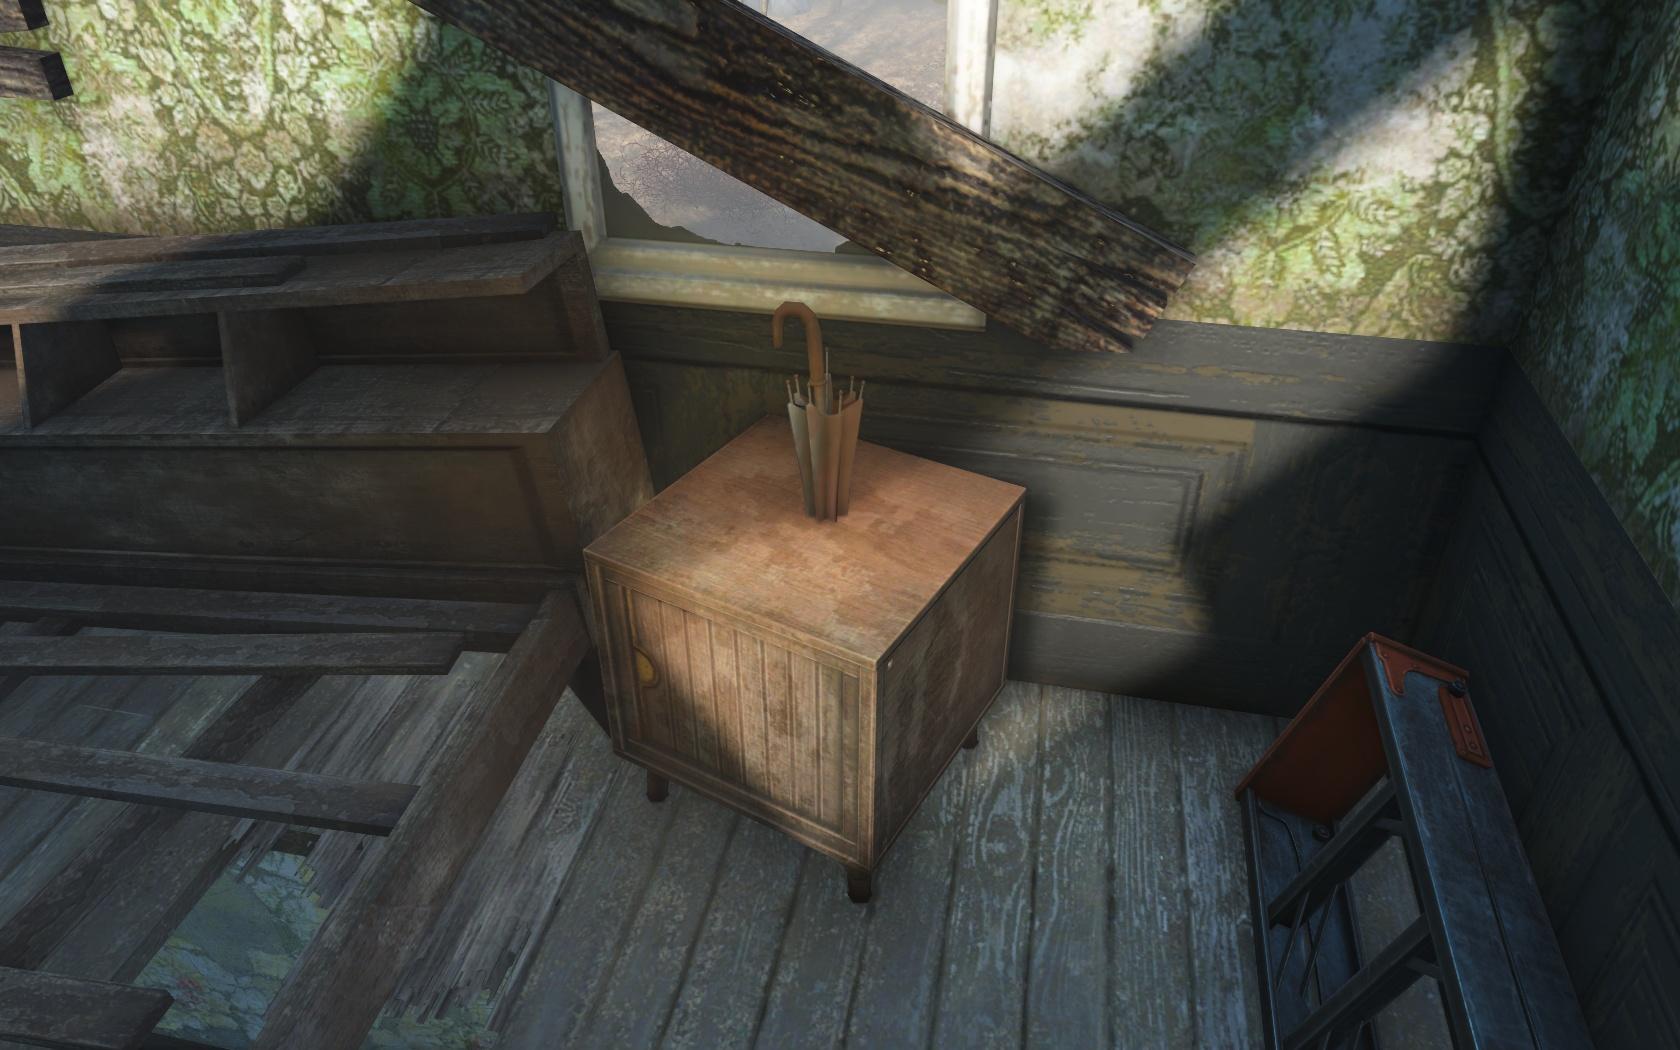 Может, это оружие? Пробивающий зонт? (Поместье Фэрлайн-Хилл) - Fallout 4 Баг, зонт, Поместье, Поместье Фэрлайн-Хилл, Фэрлайн-Хилл